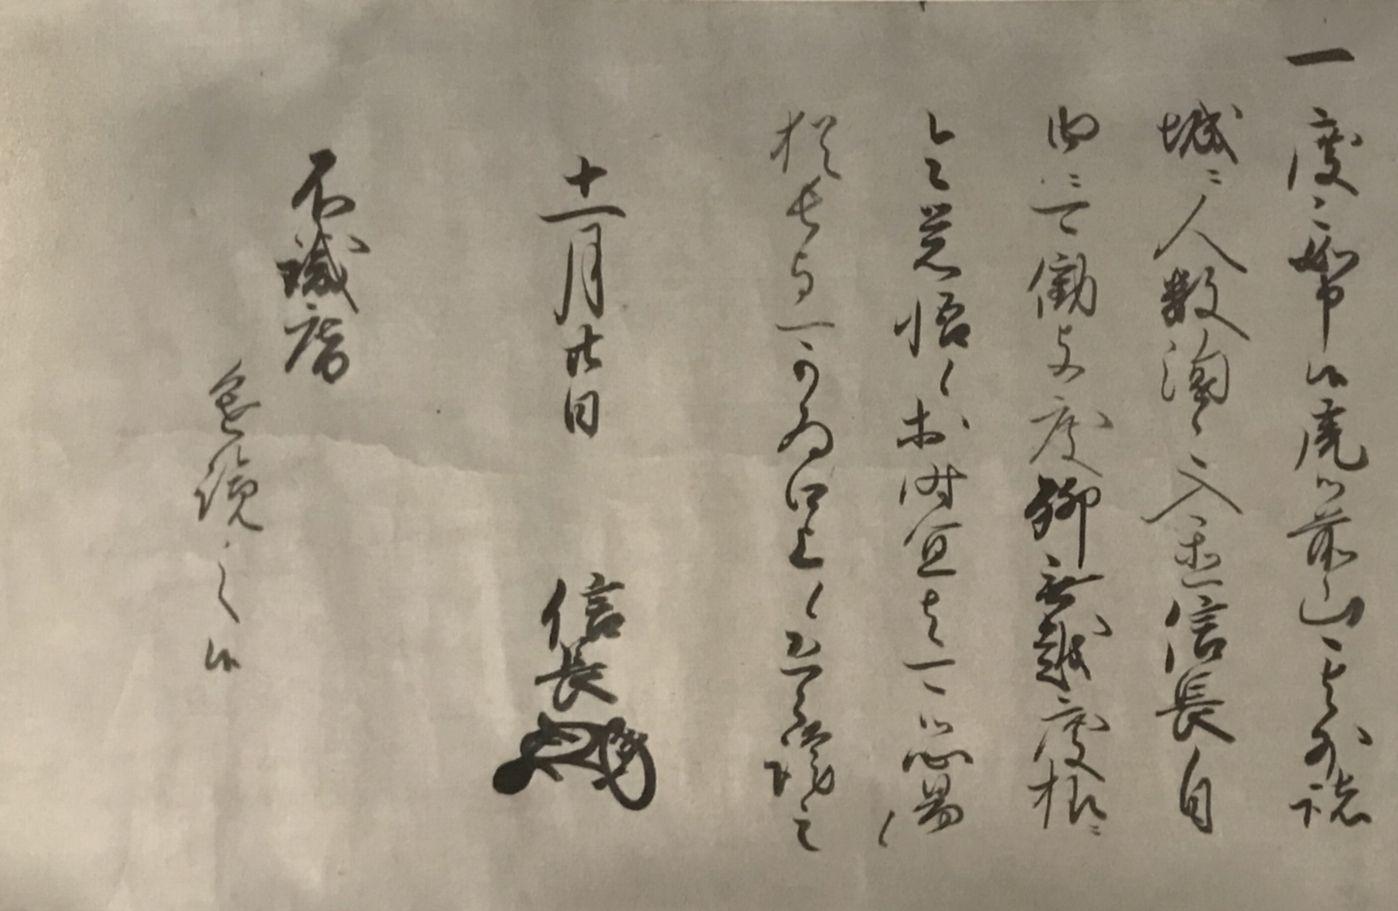 (元亀三年)十一月二十日付織田信長書状写g